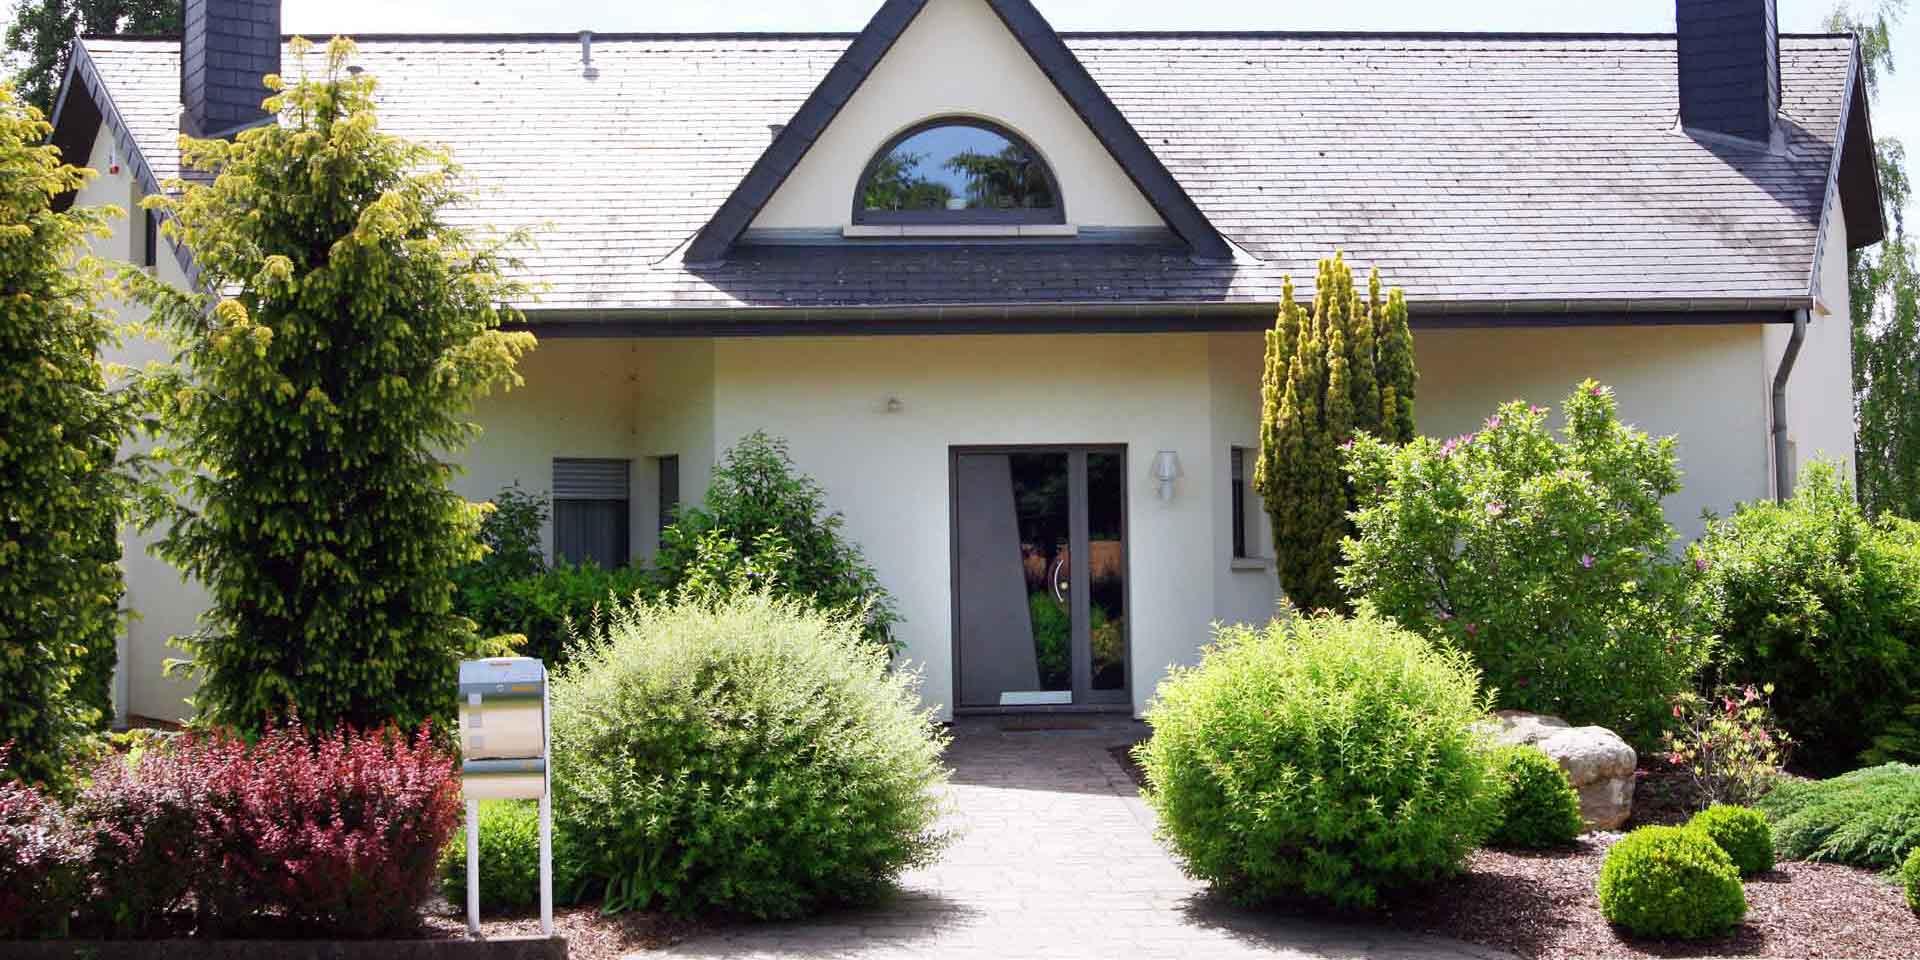 COPLANING S.A. – Schräge Haustür & Halbmond-Fenster